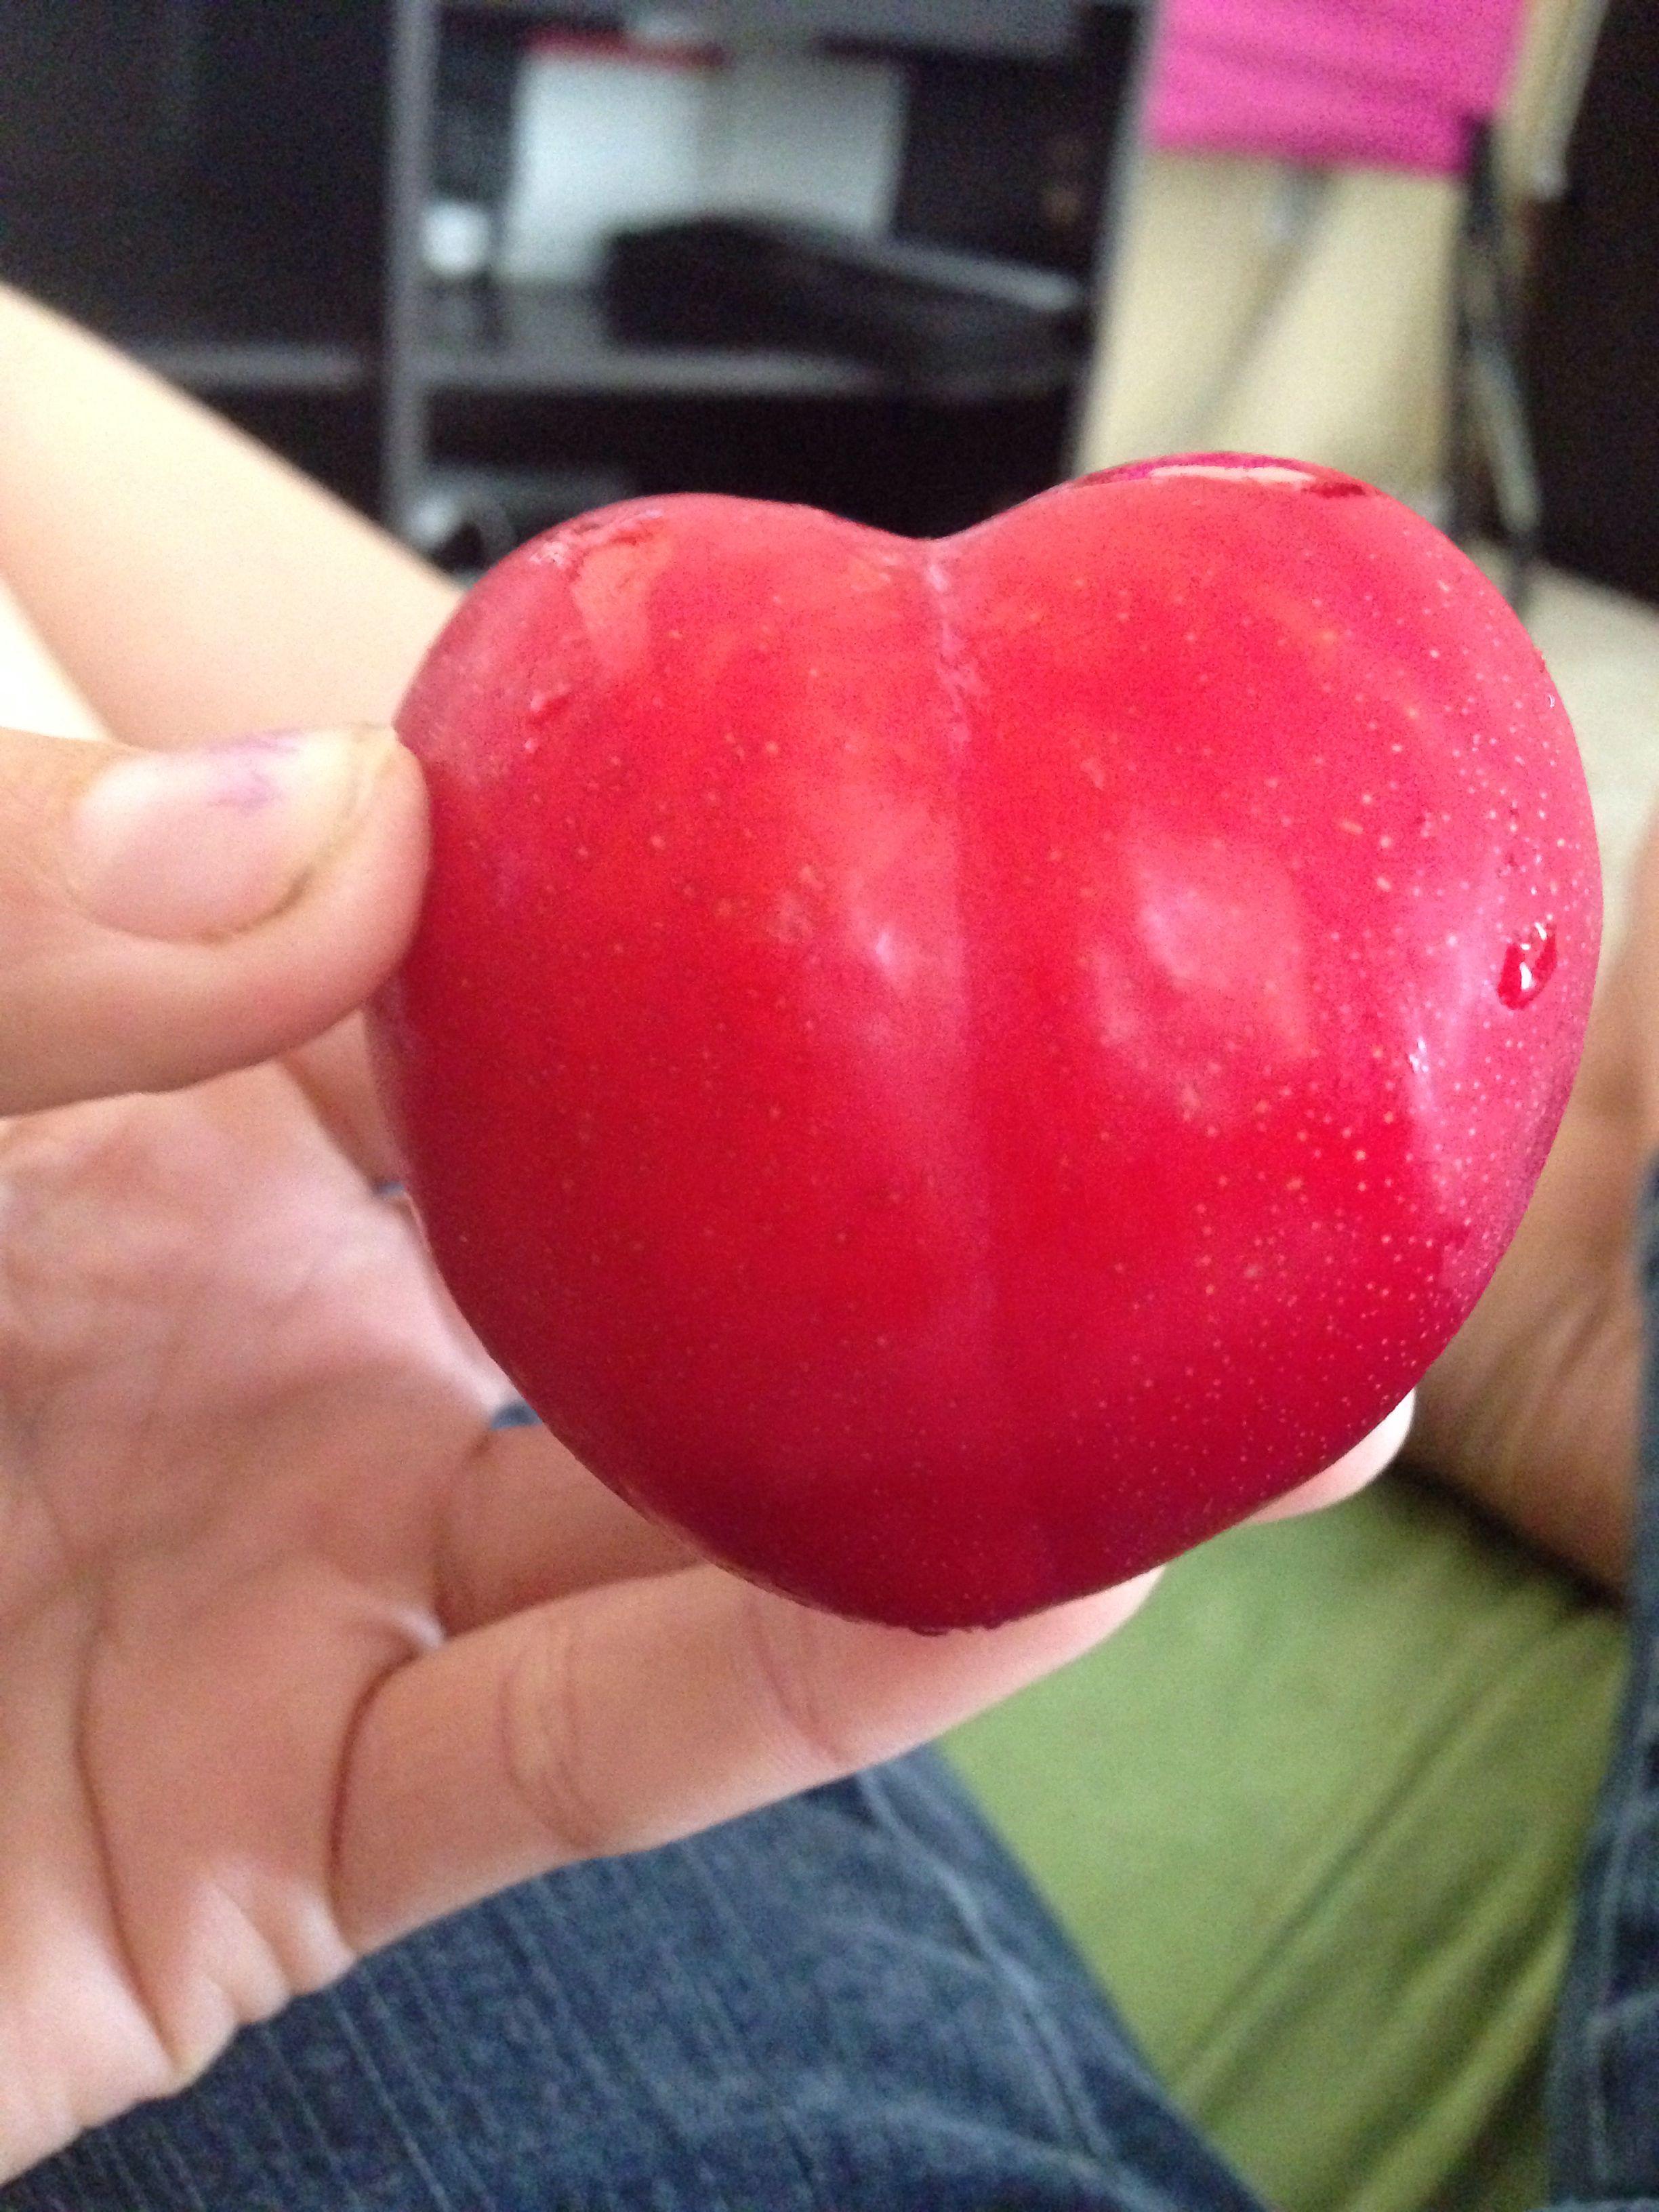 It's a plum ?!?